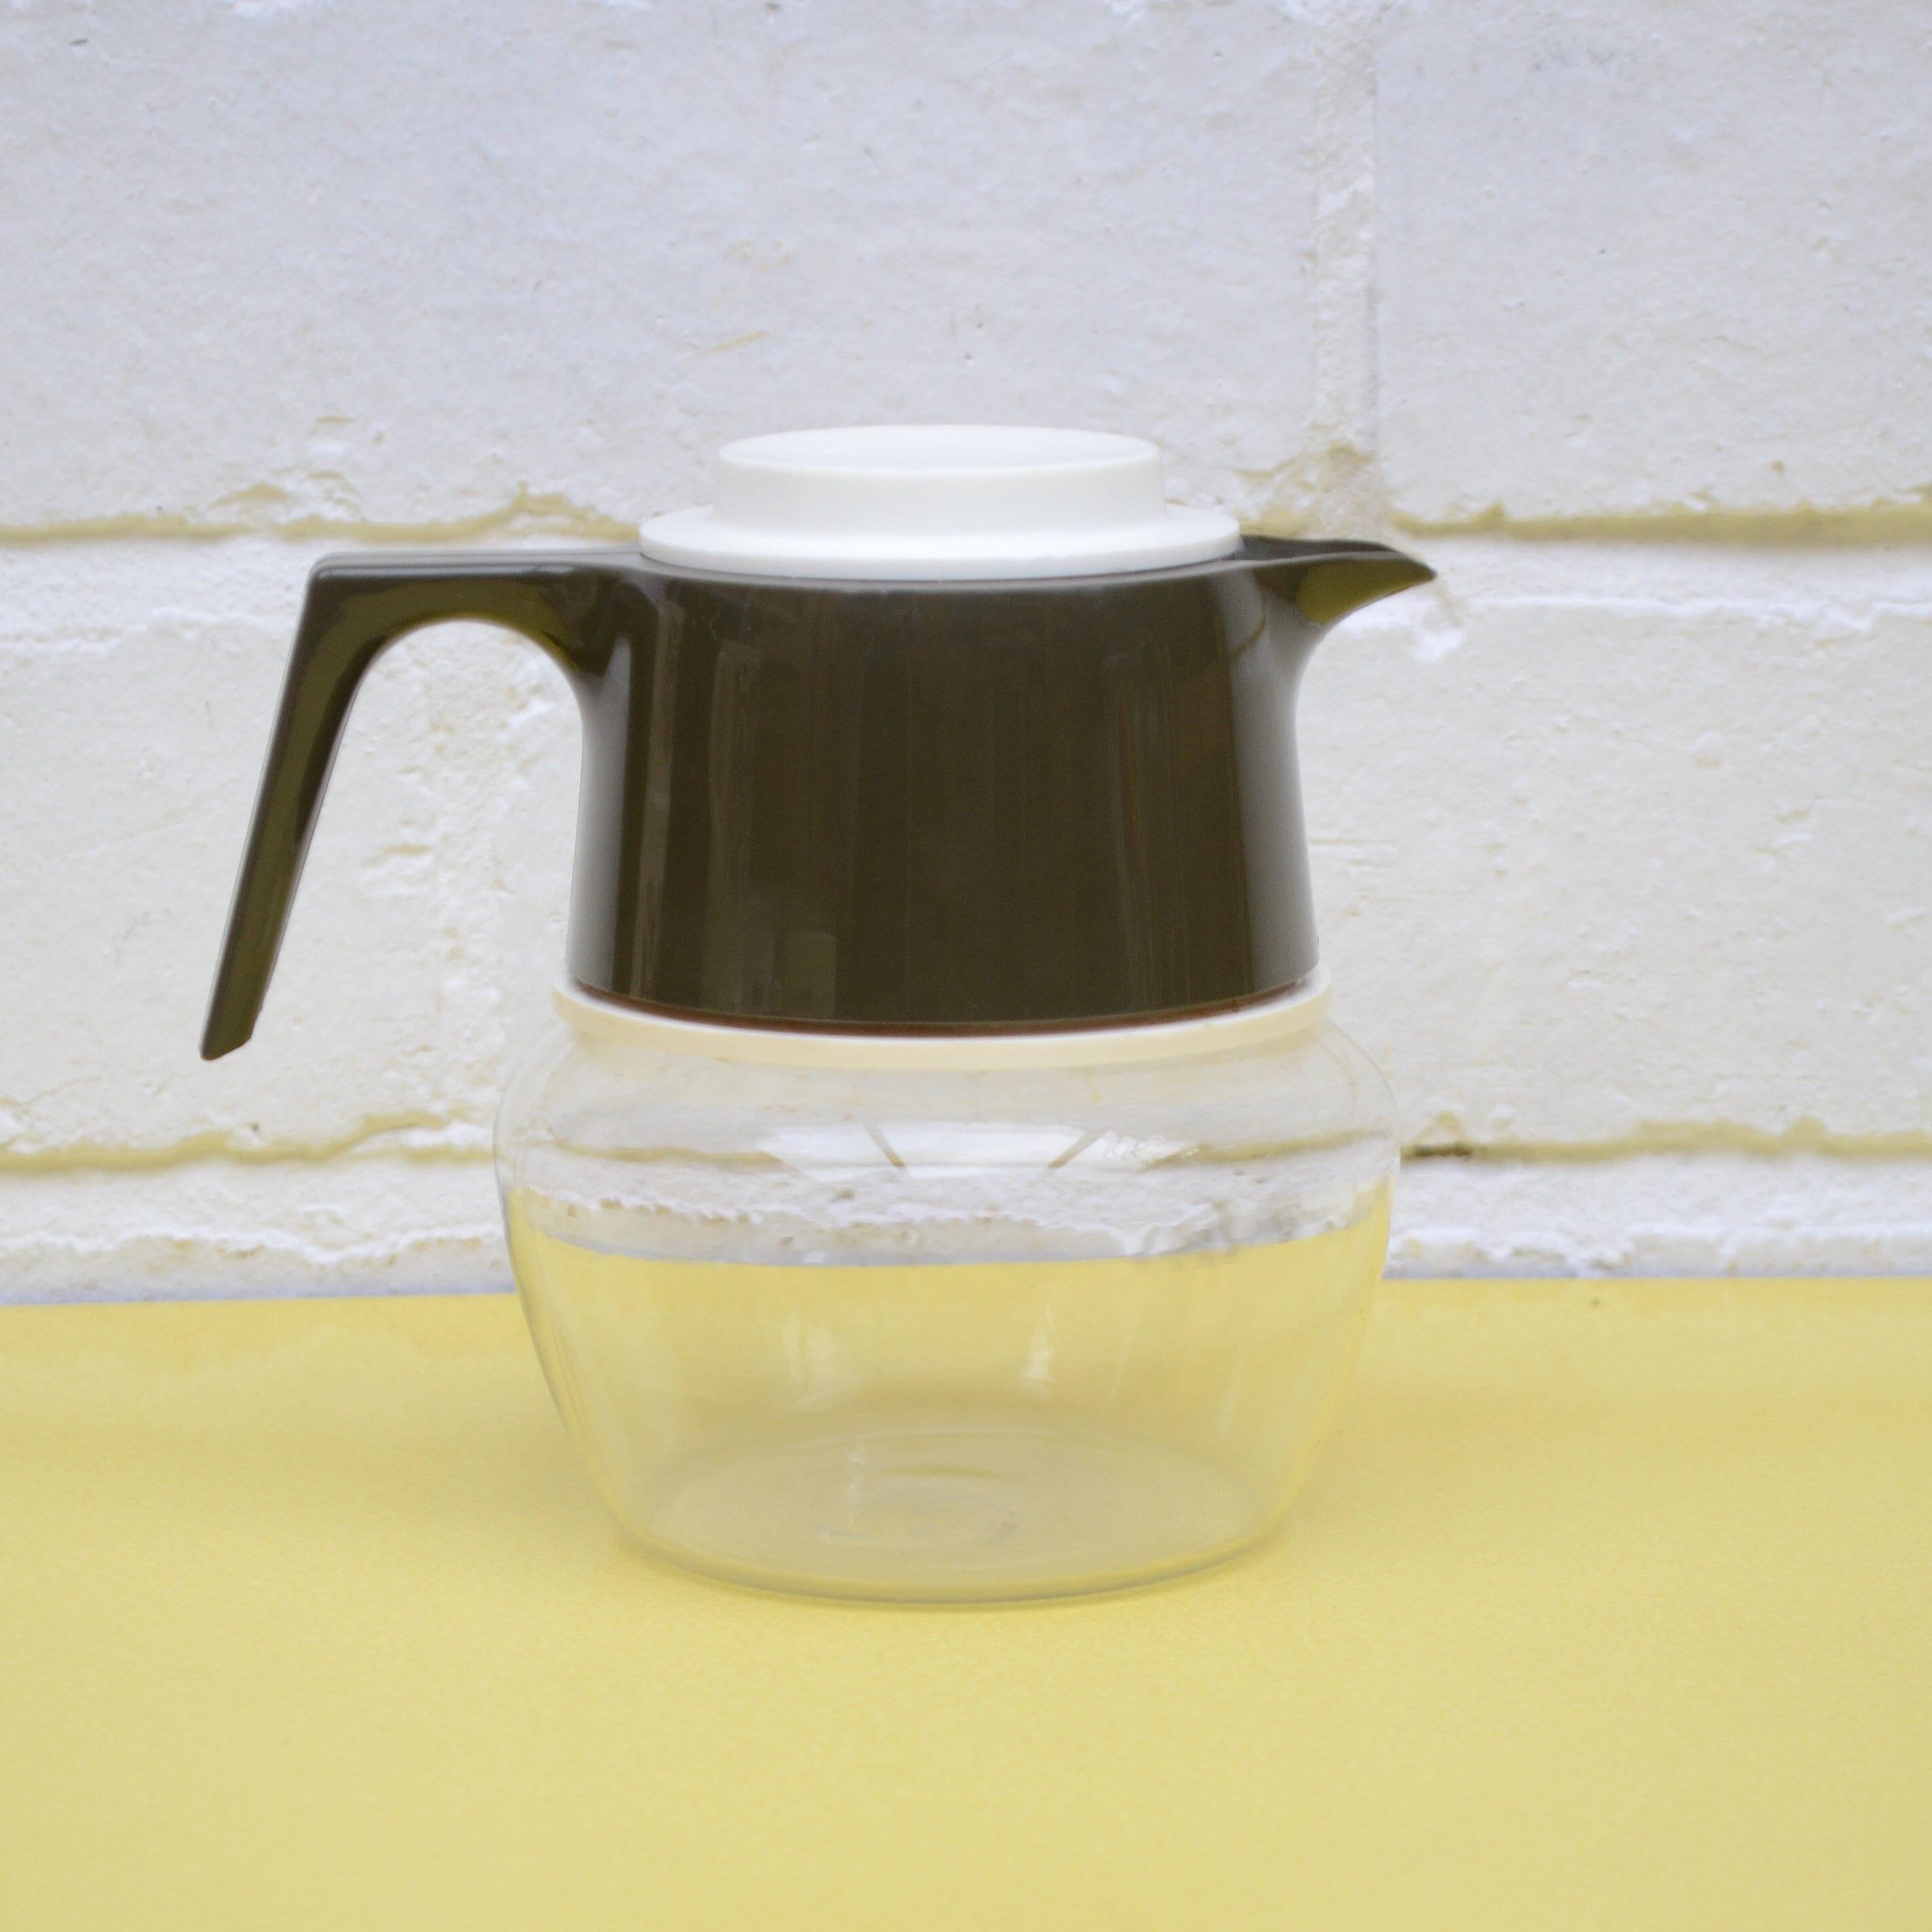 Caraffa in vetro vintage JAJ piccola caraffa di caffè Pyrex  fc068e41a09a